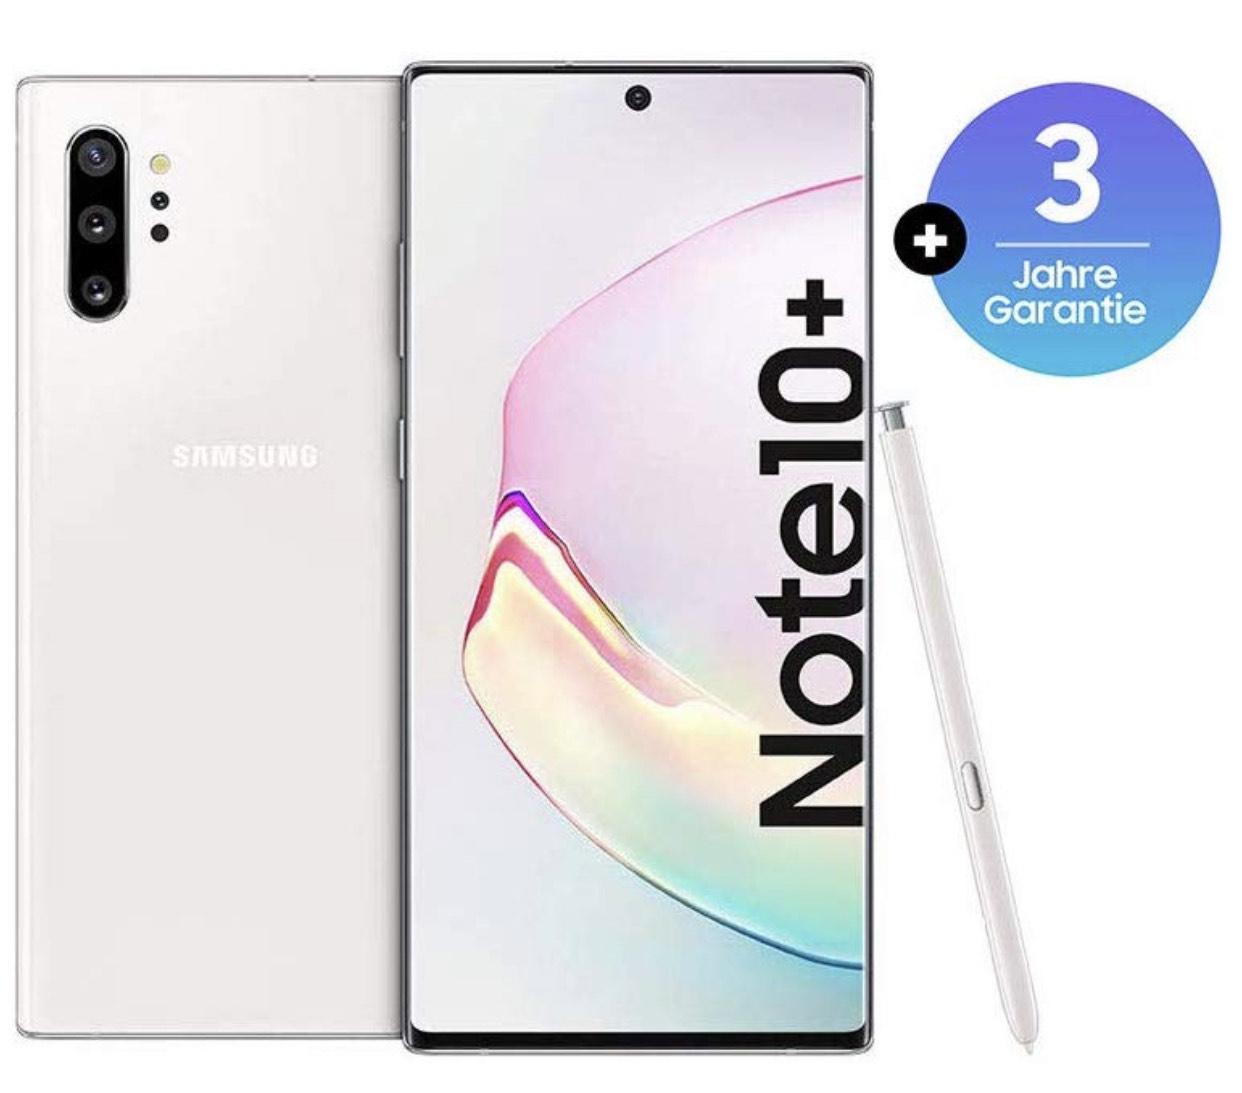 Samsung Galaxy Note 10+ 256GB inklusive 3 Jahre Garantie